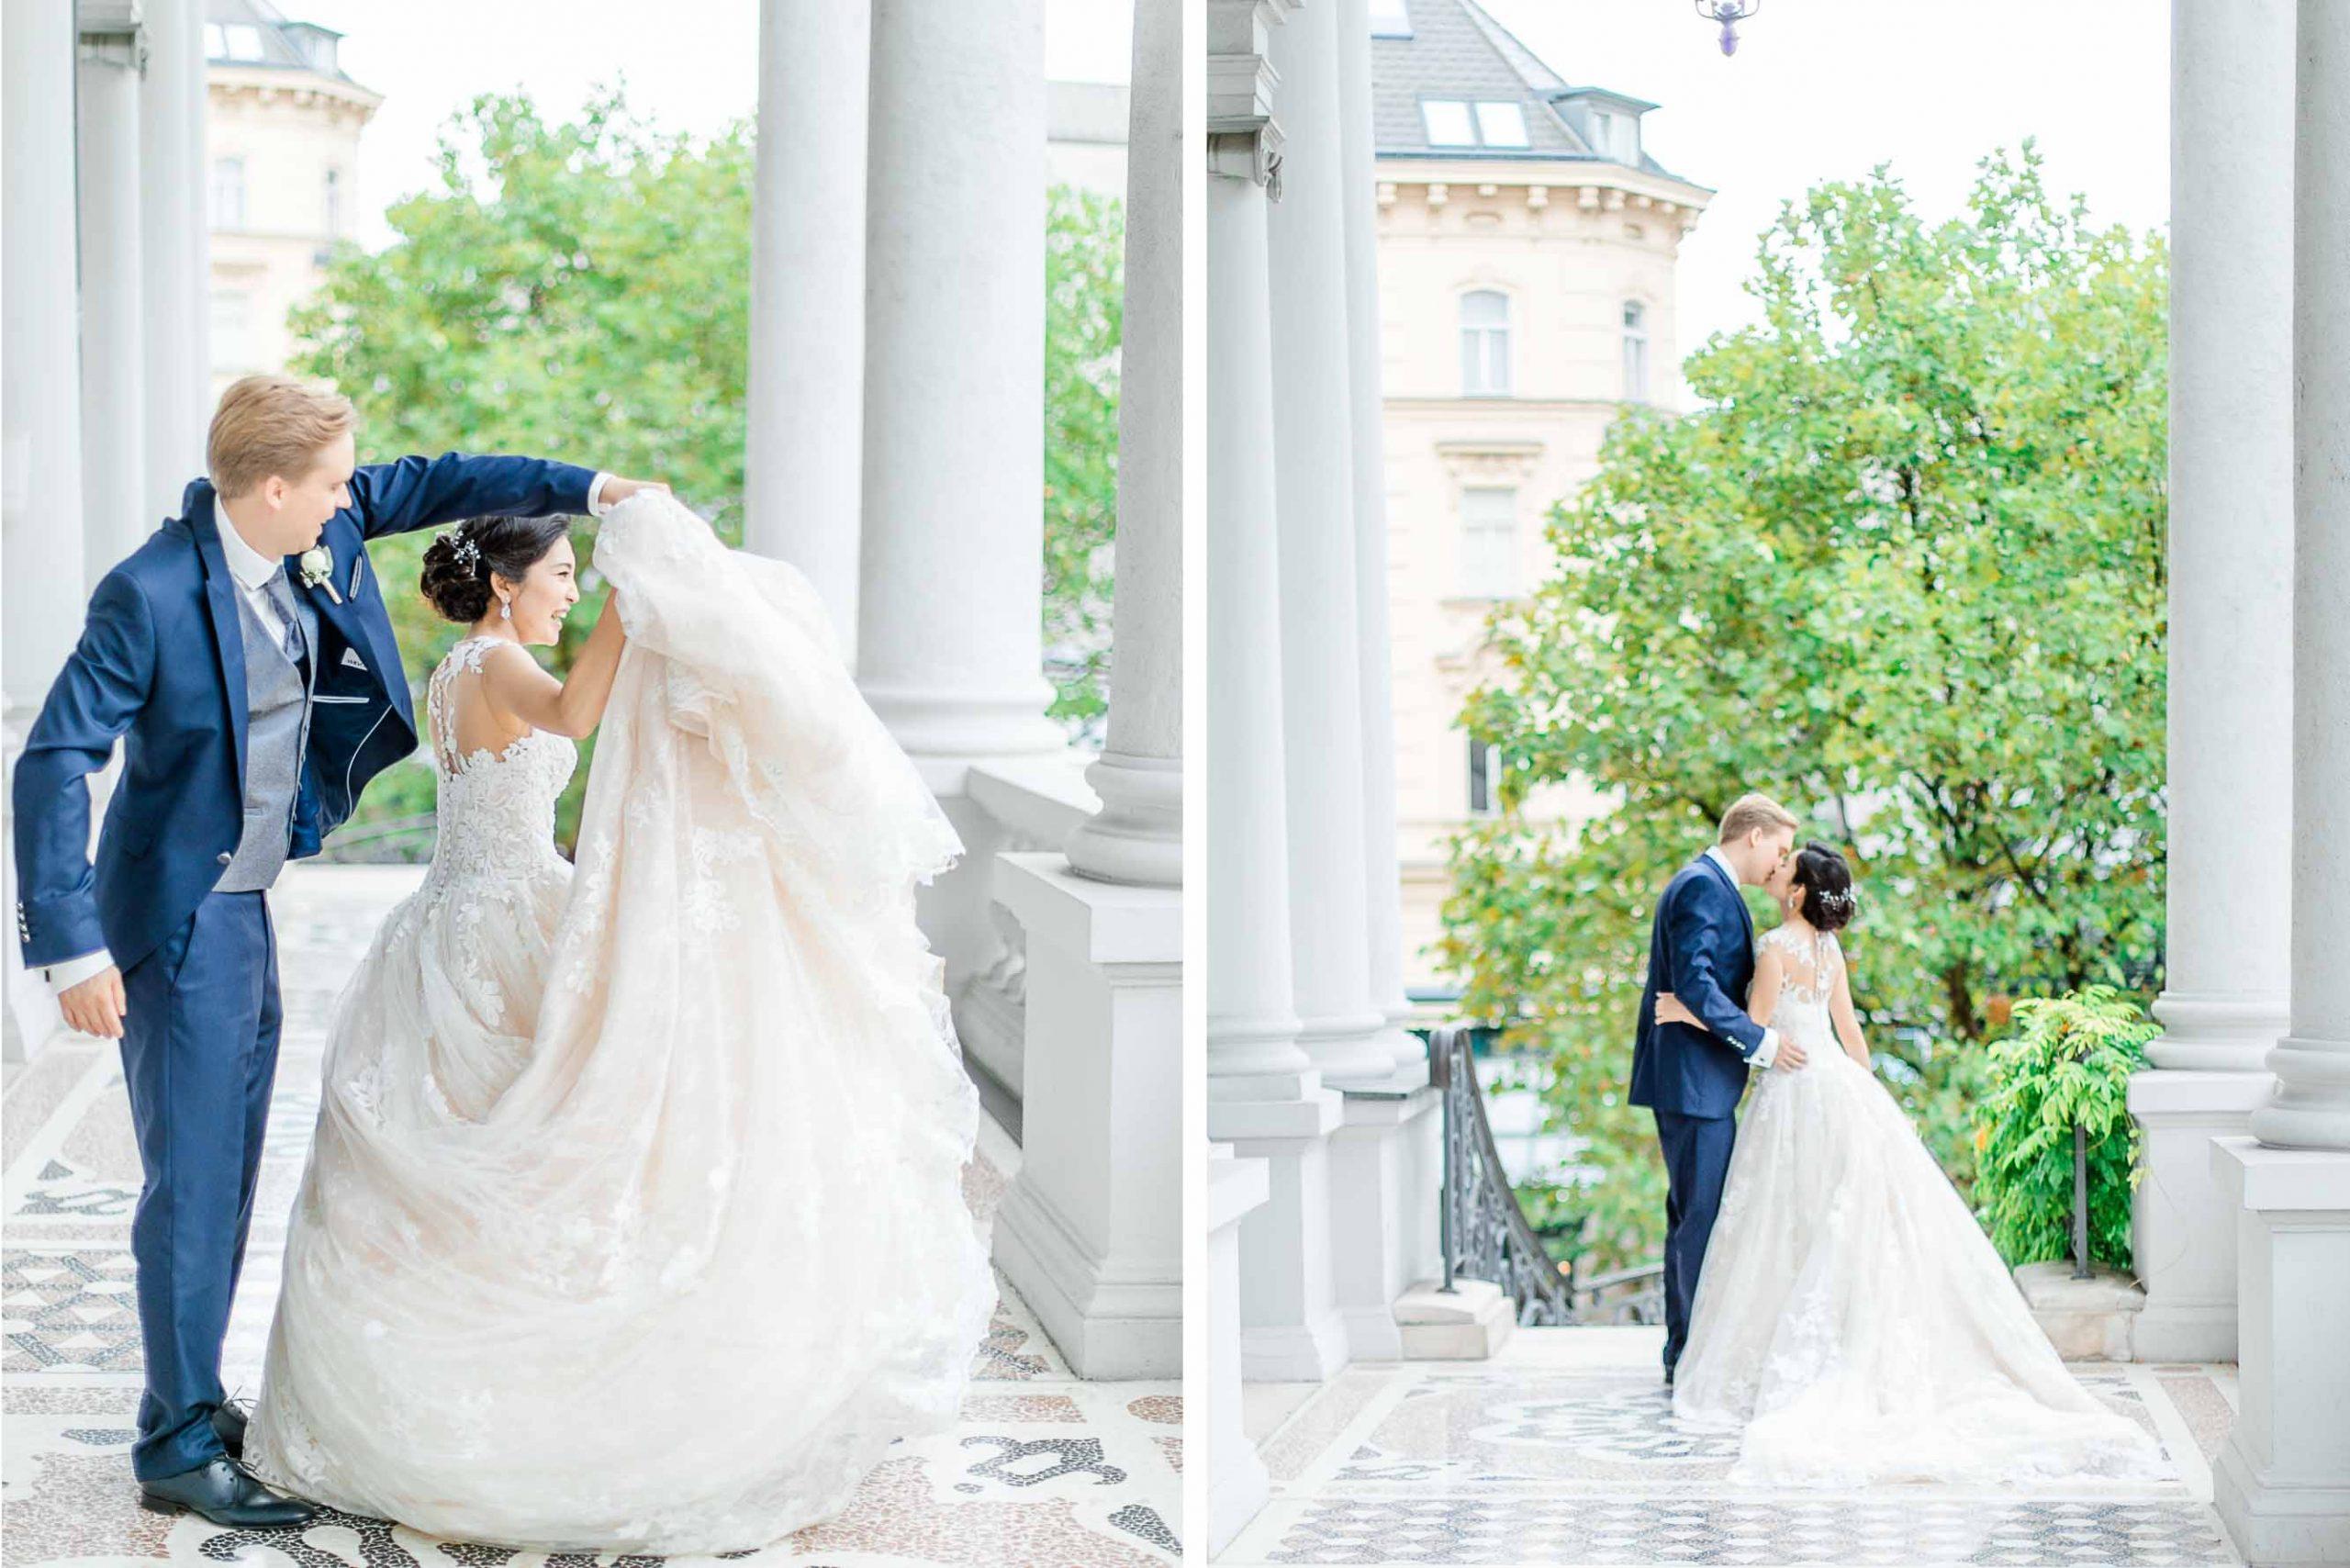 Mödling Hochzeitsfotograf Wien heiraten Palais Coburg Hochzeit